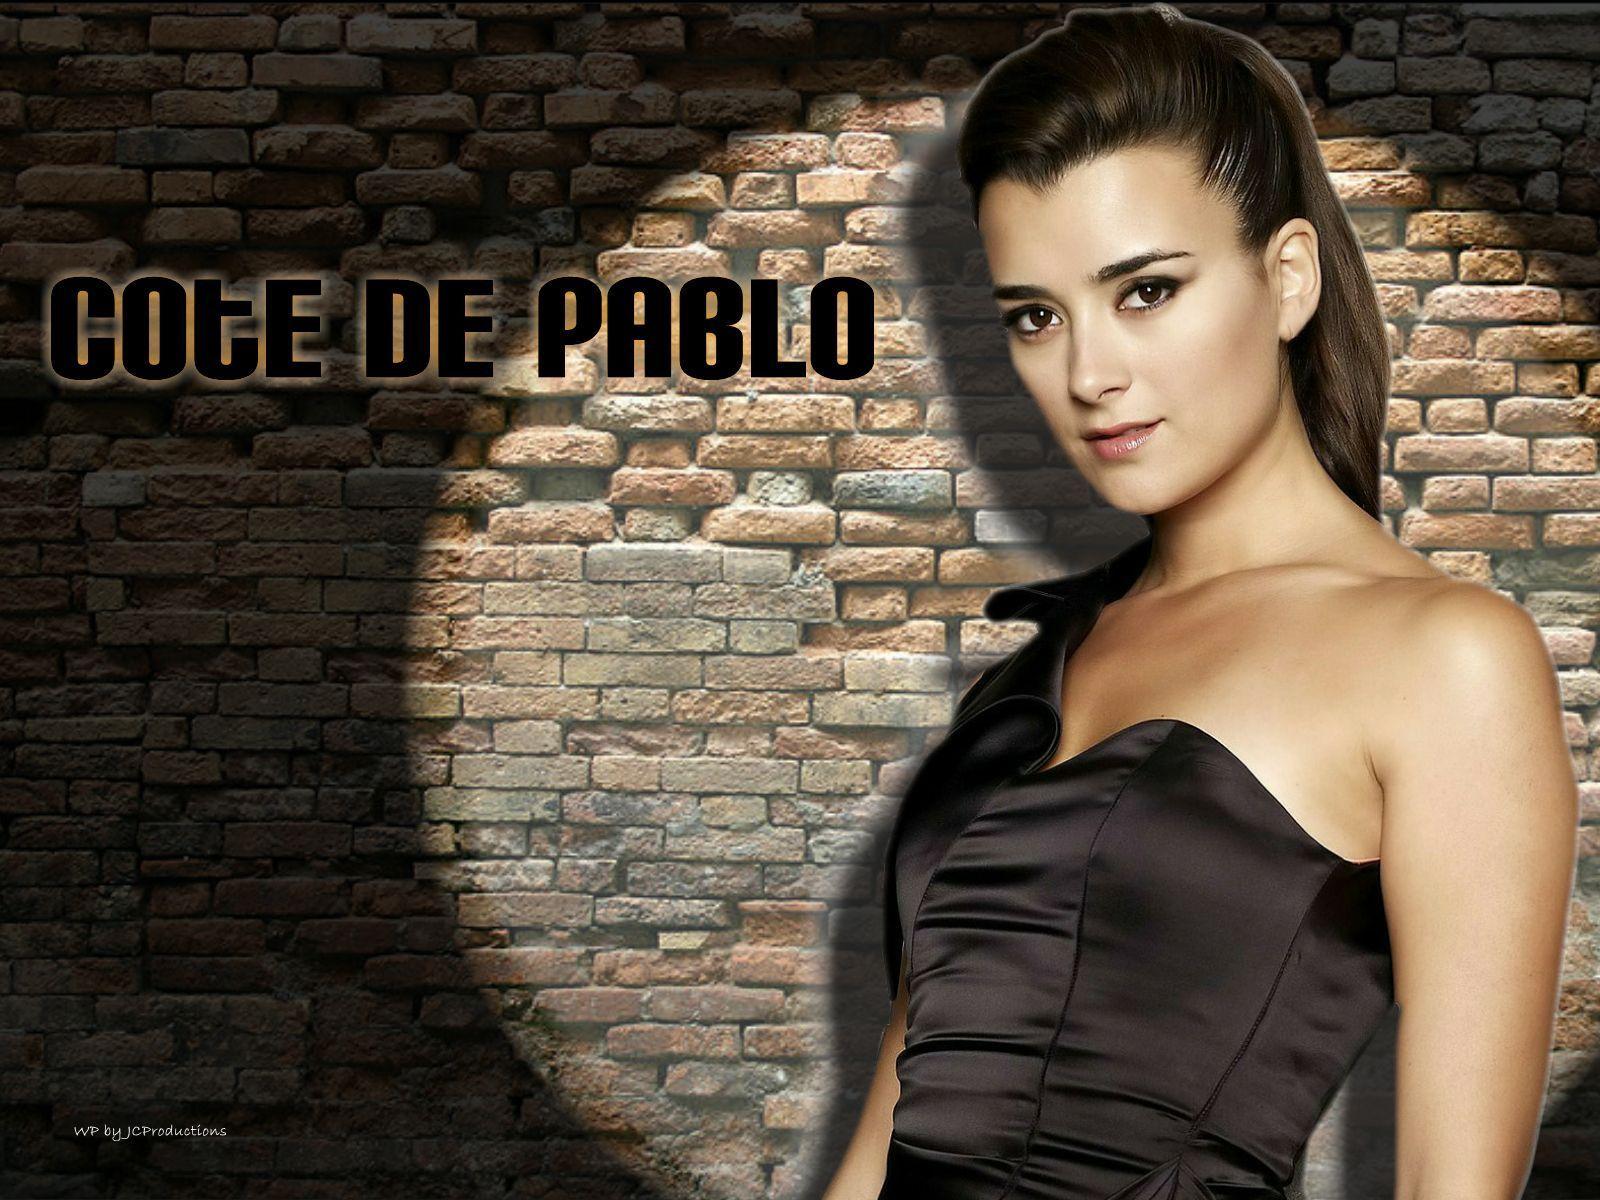 Cote De Pablo